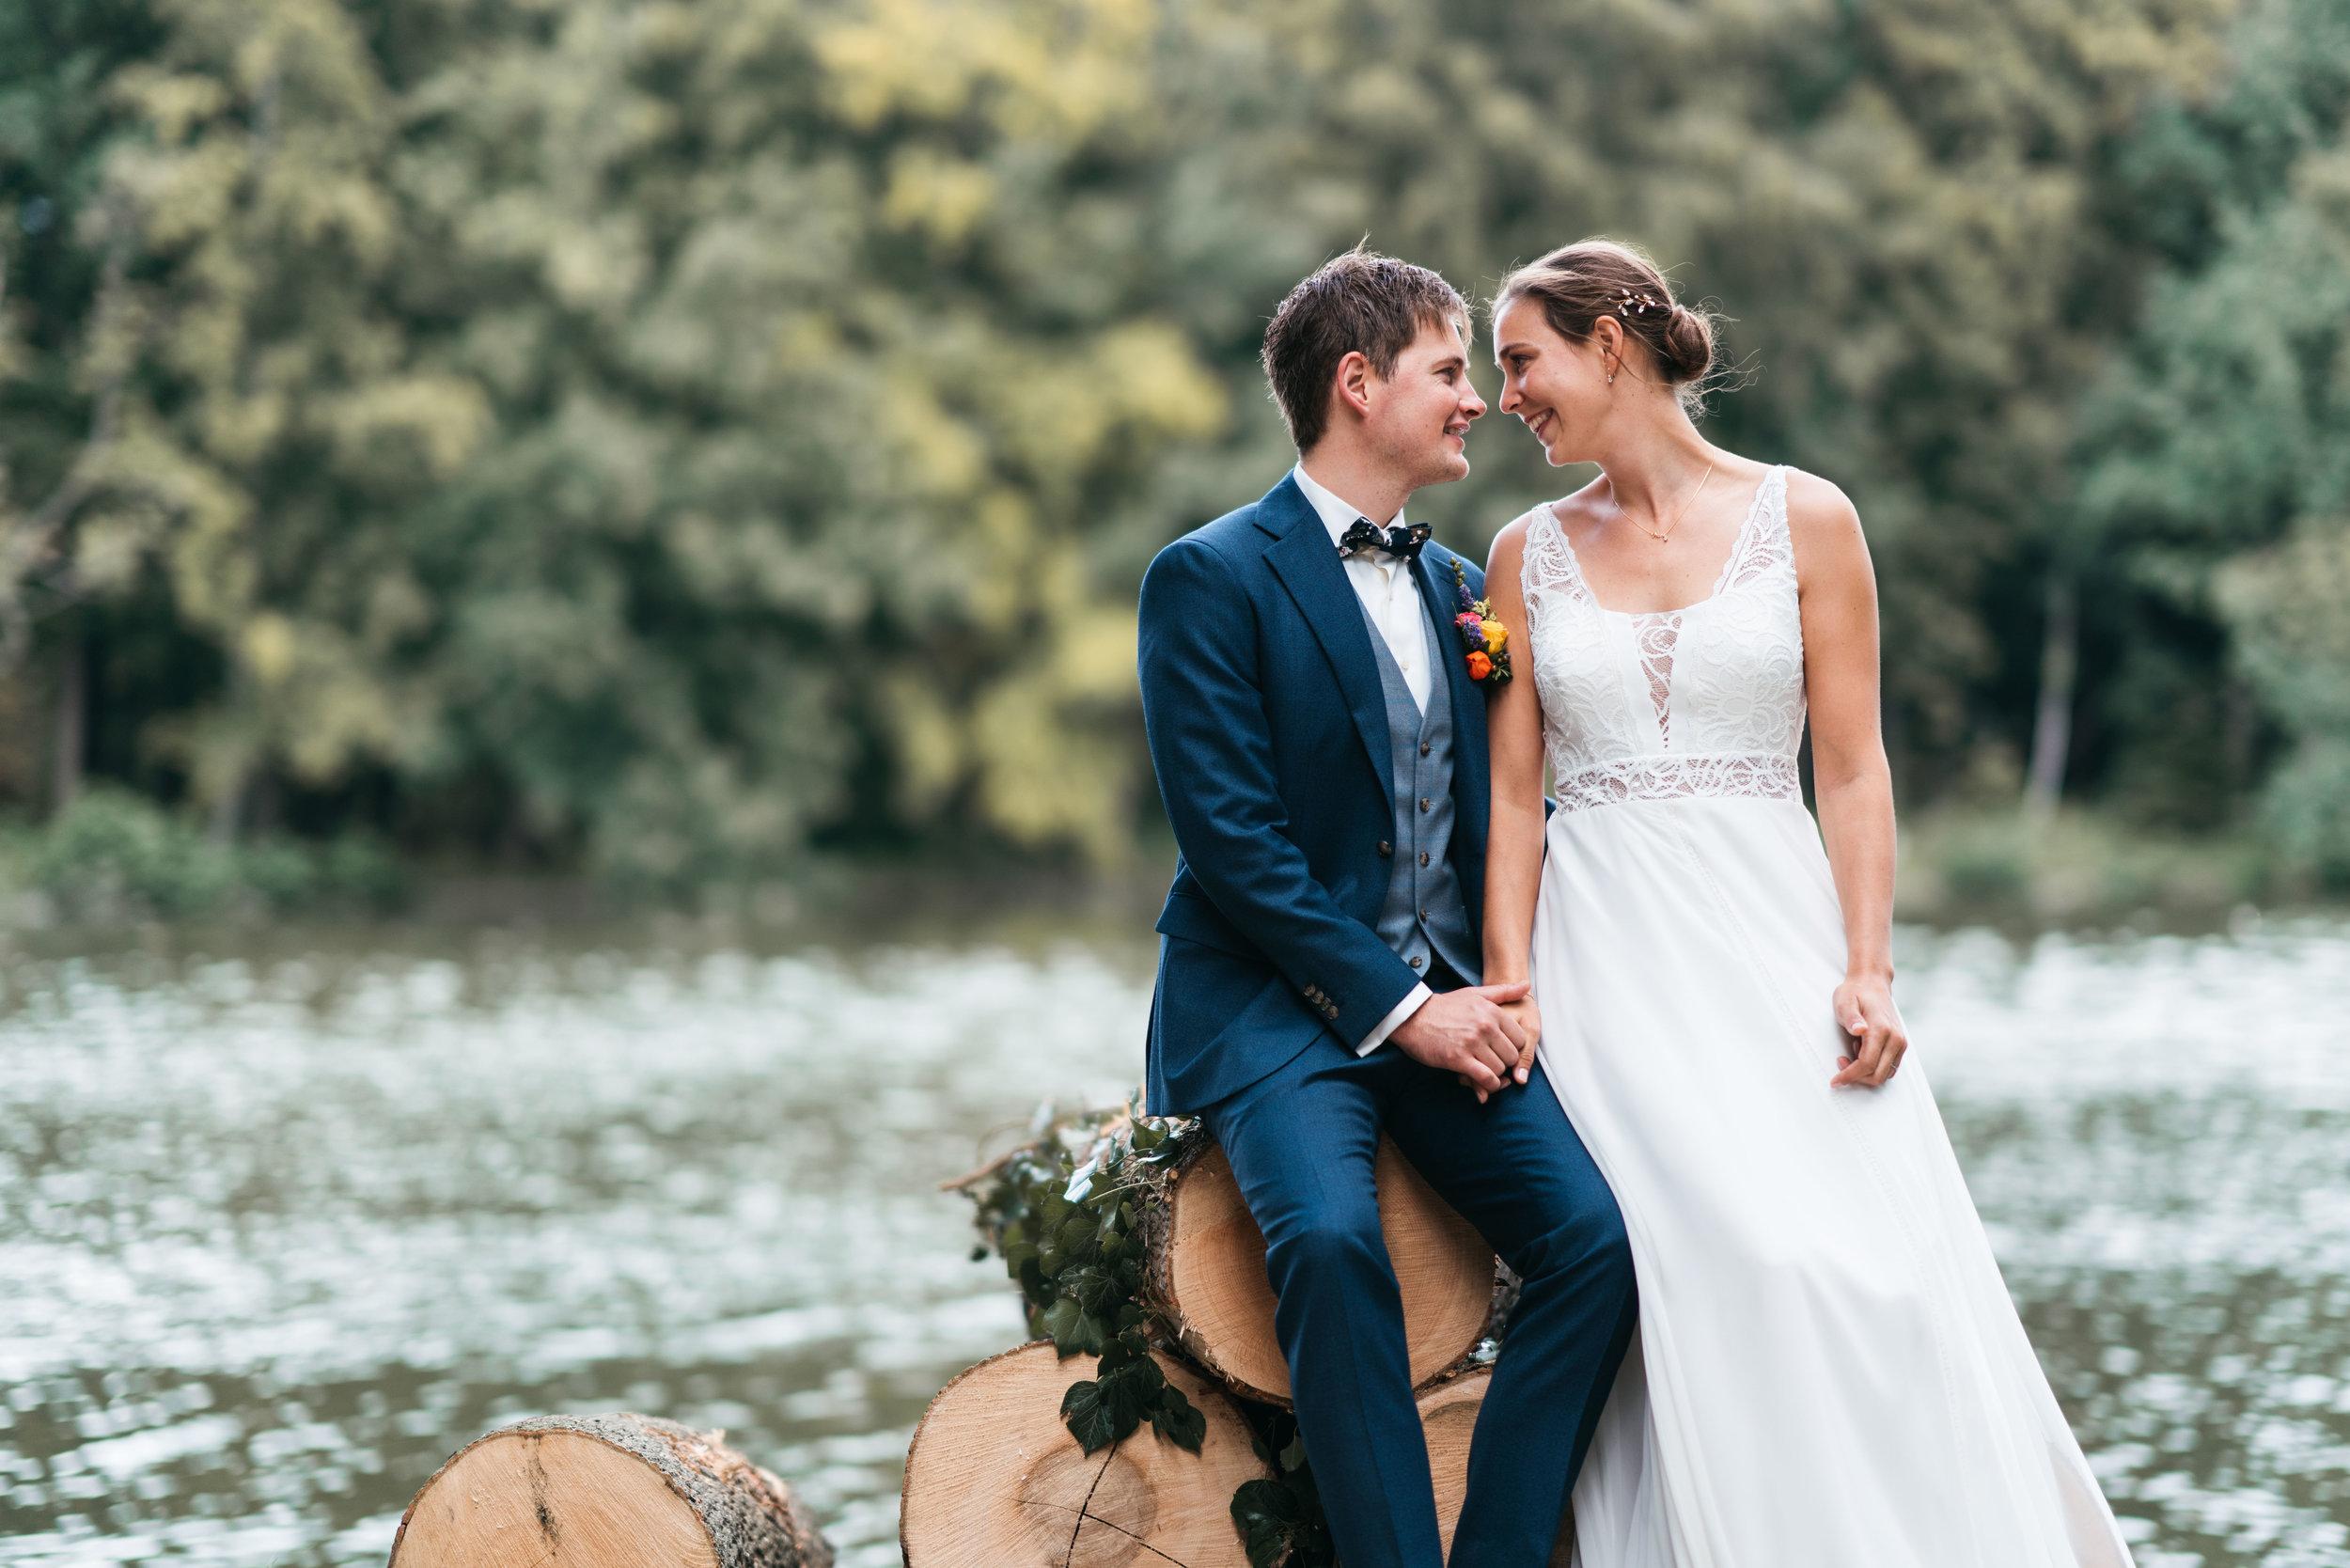 Deze foto's zijn in opdracht van de bruidsparen en/ of E&P weddingpictures geschoten (2018).